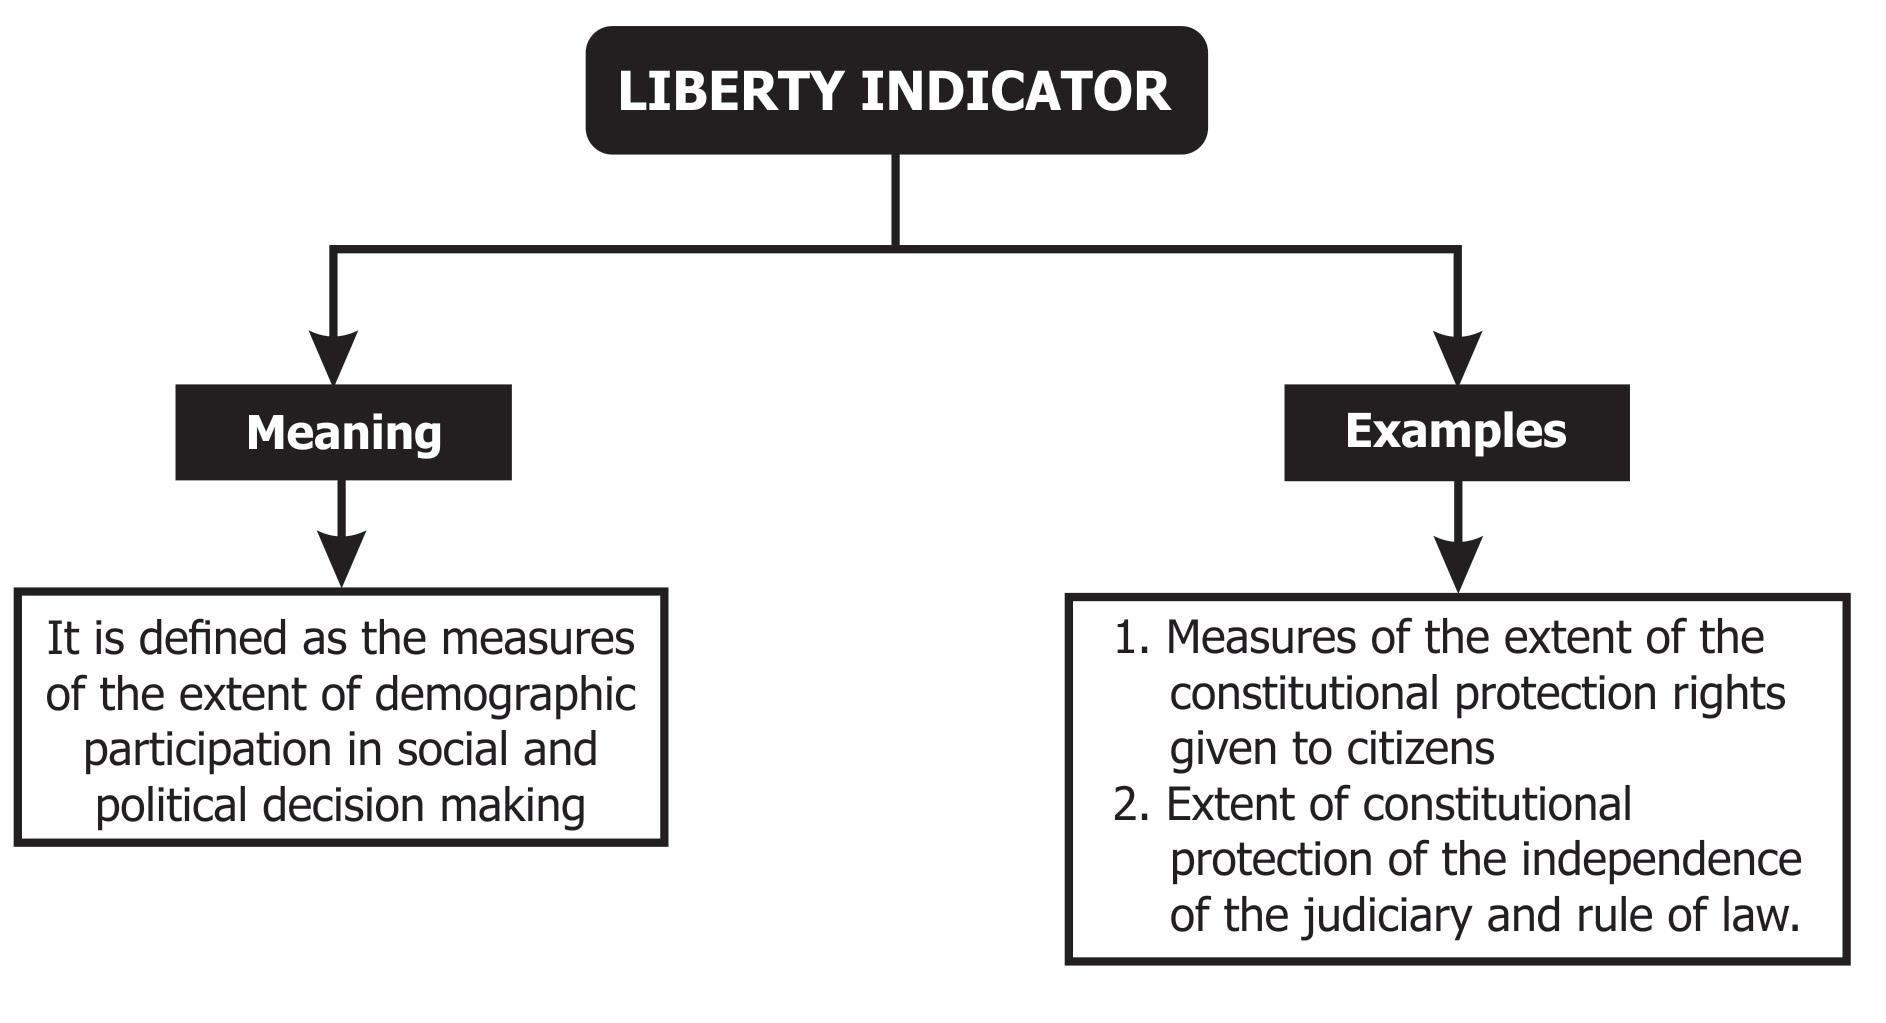 liberty indicator